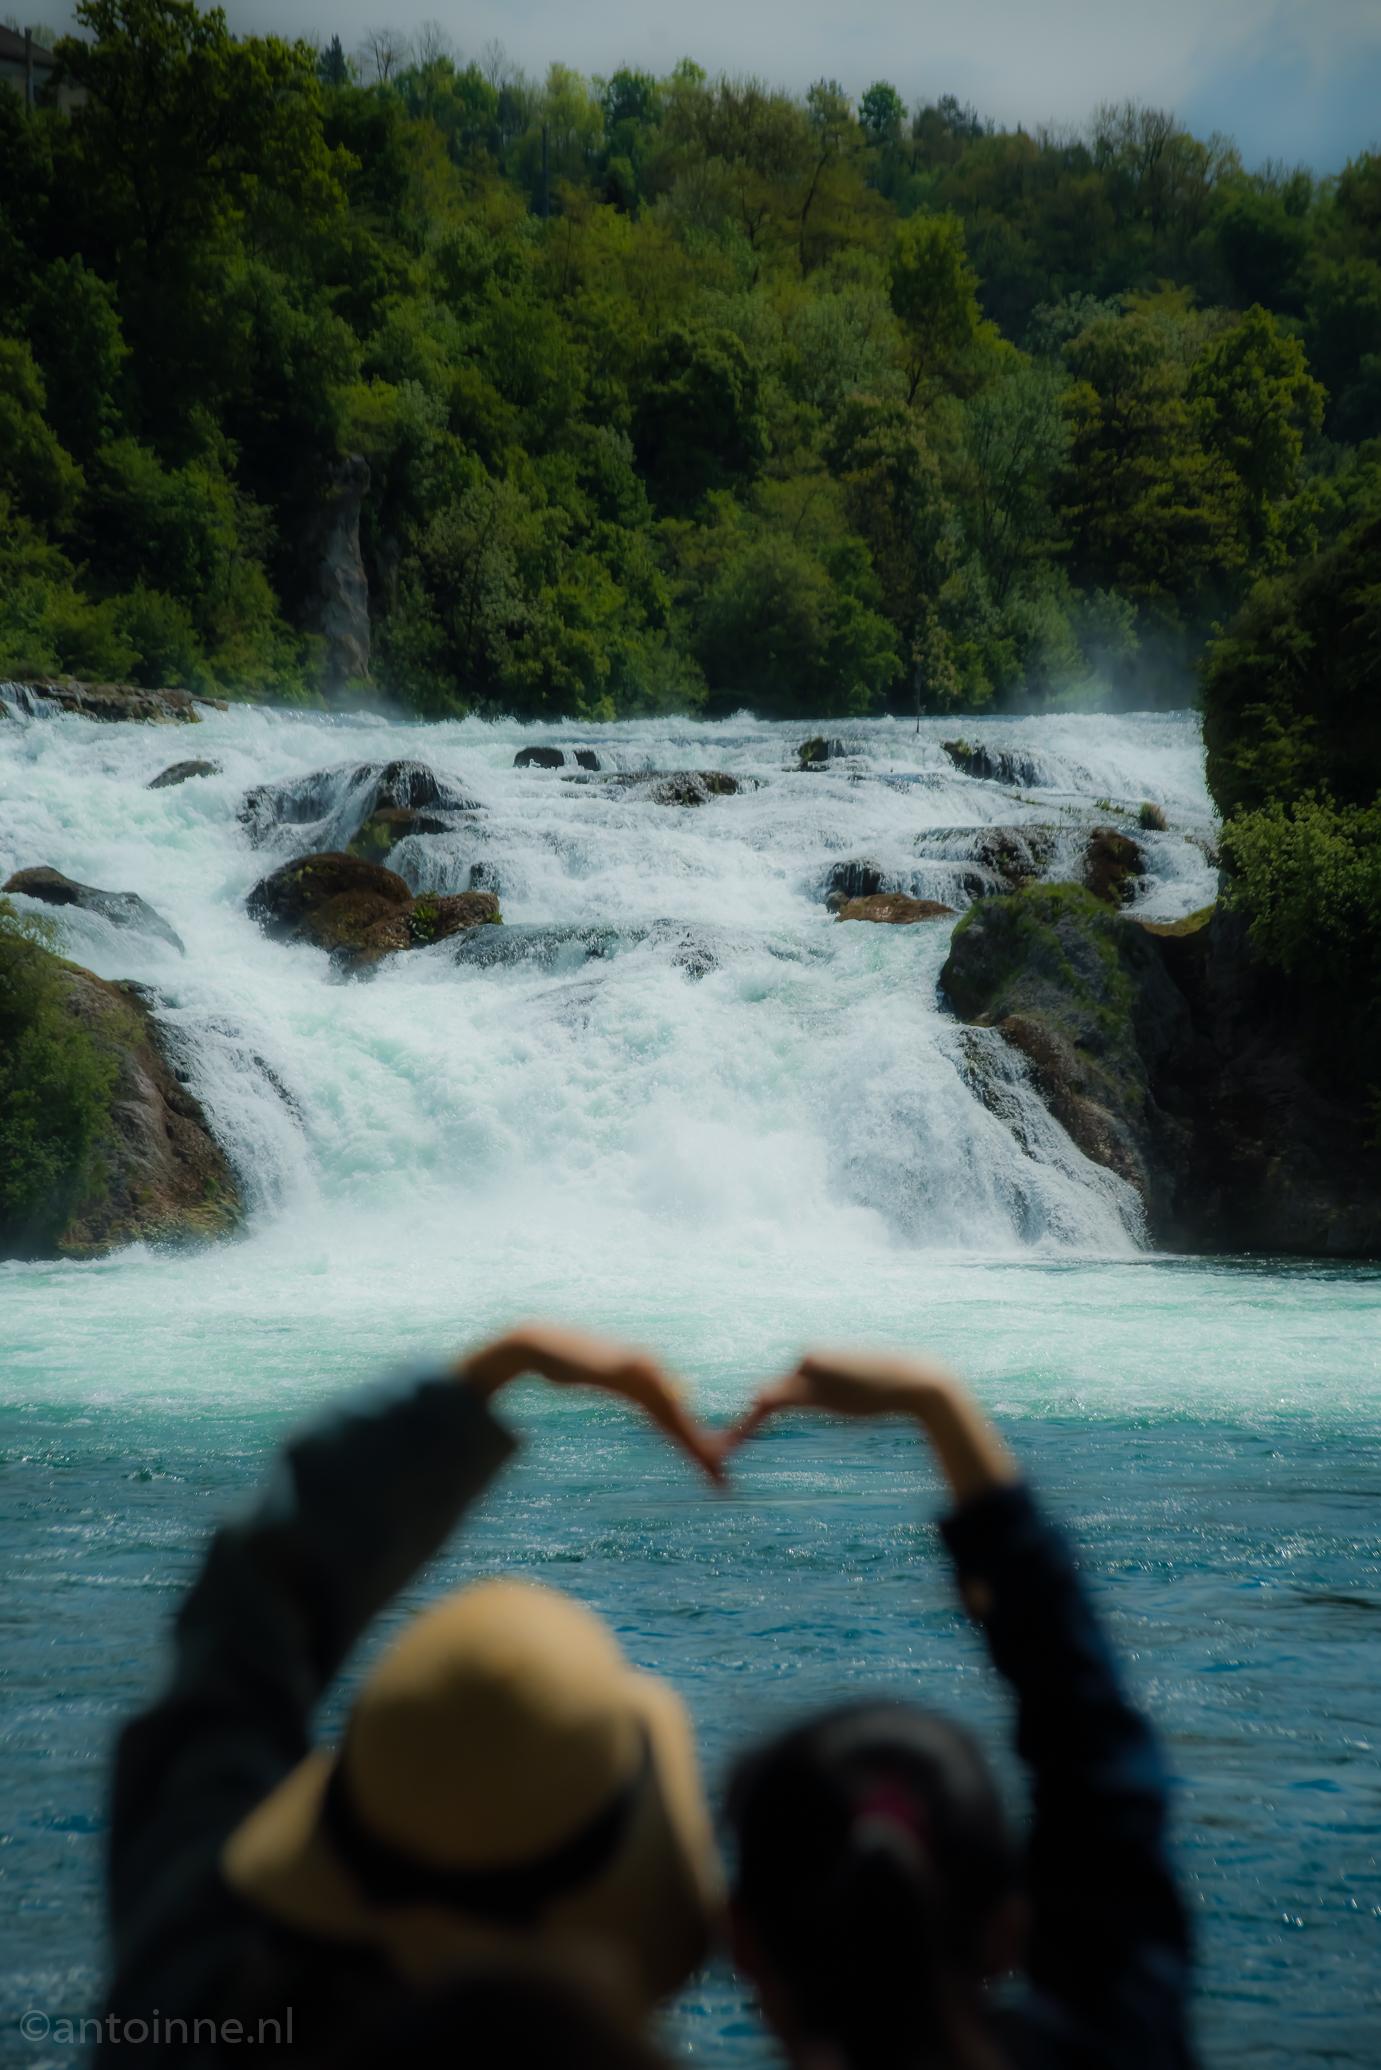 Rheinfall / Rijnwaterval / Rhine Falls / Rhyfall / Chutes du Rhin / Cascate del Reno / Grosser Laufen